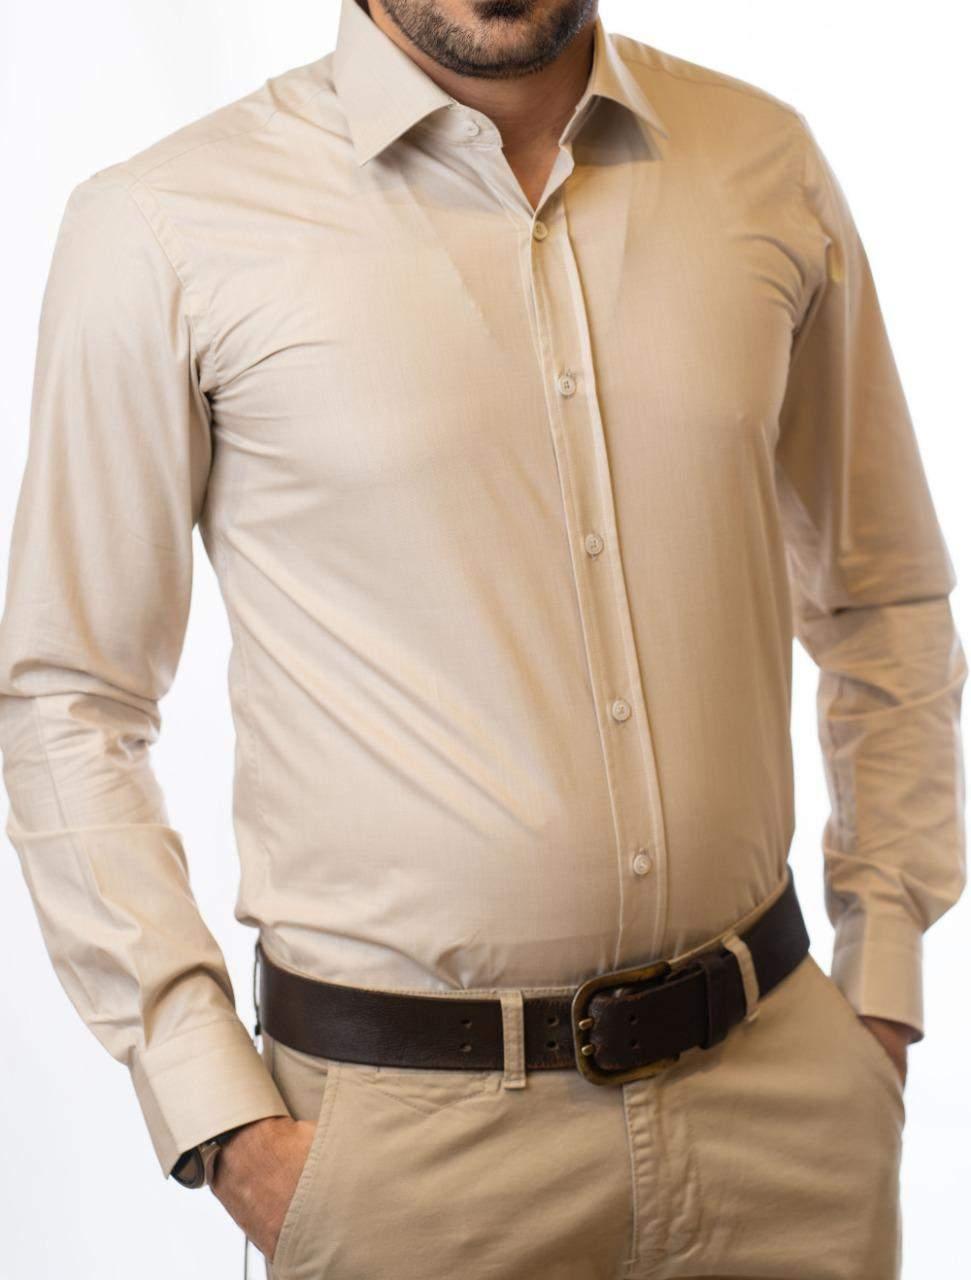 قميص رجالي بأكمام طويلة بيجي اللون